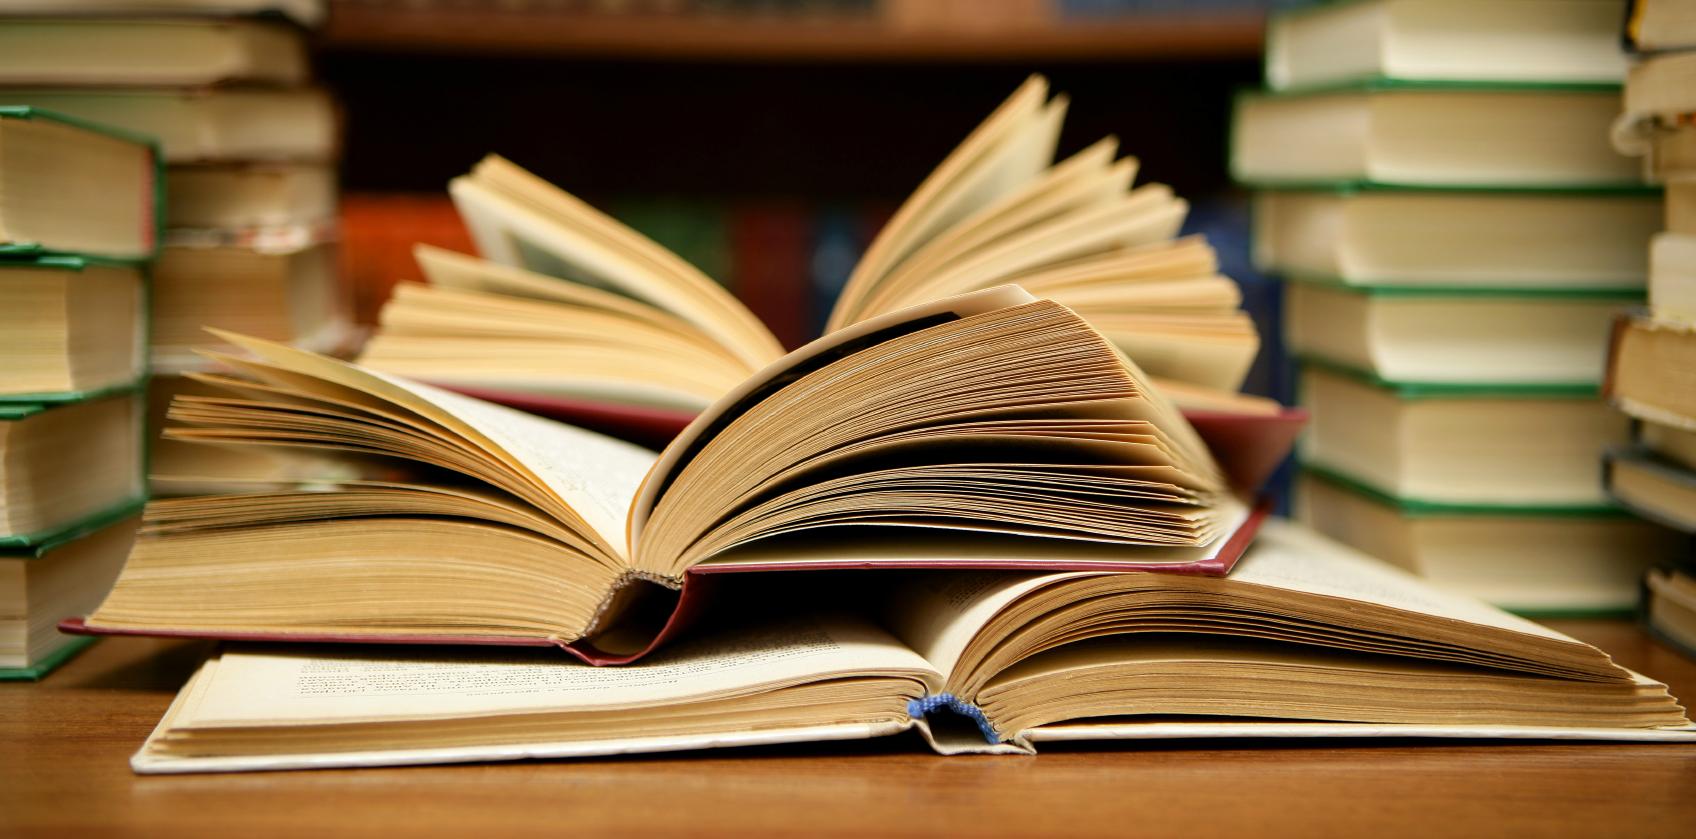 25 migliori libri classici da leggere nella vita gizzeta